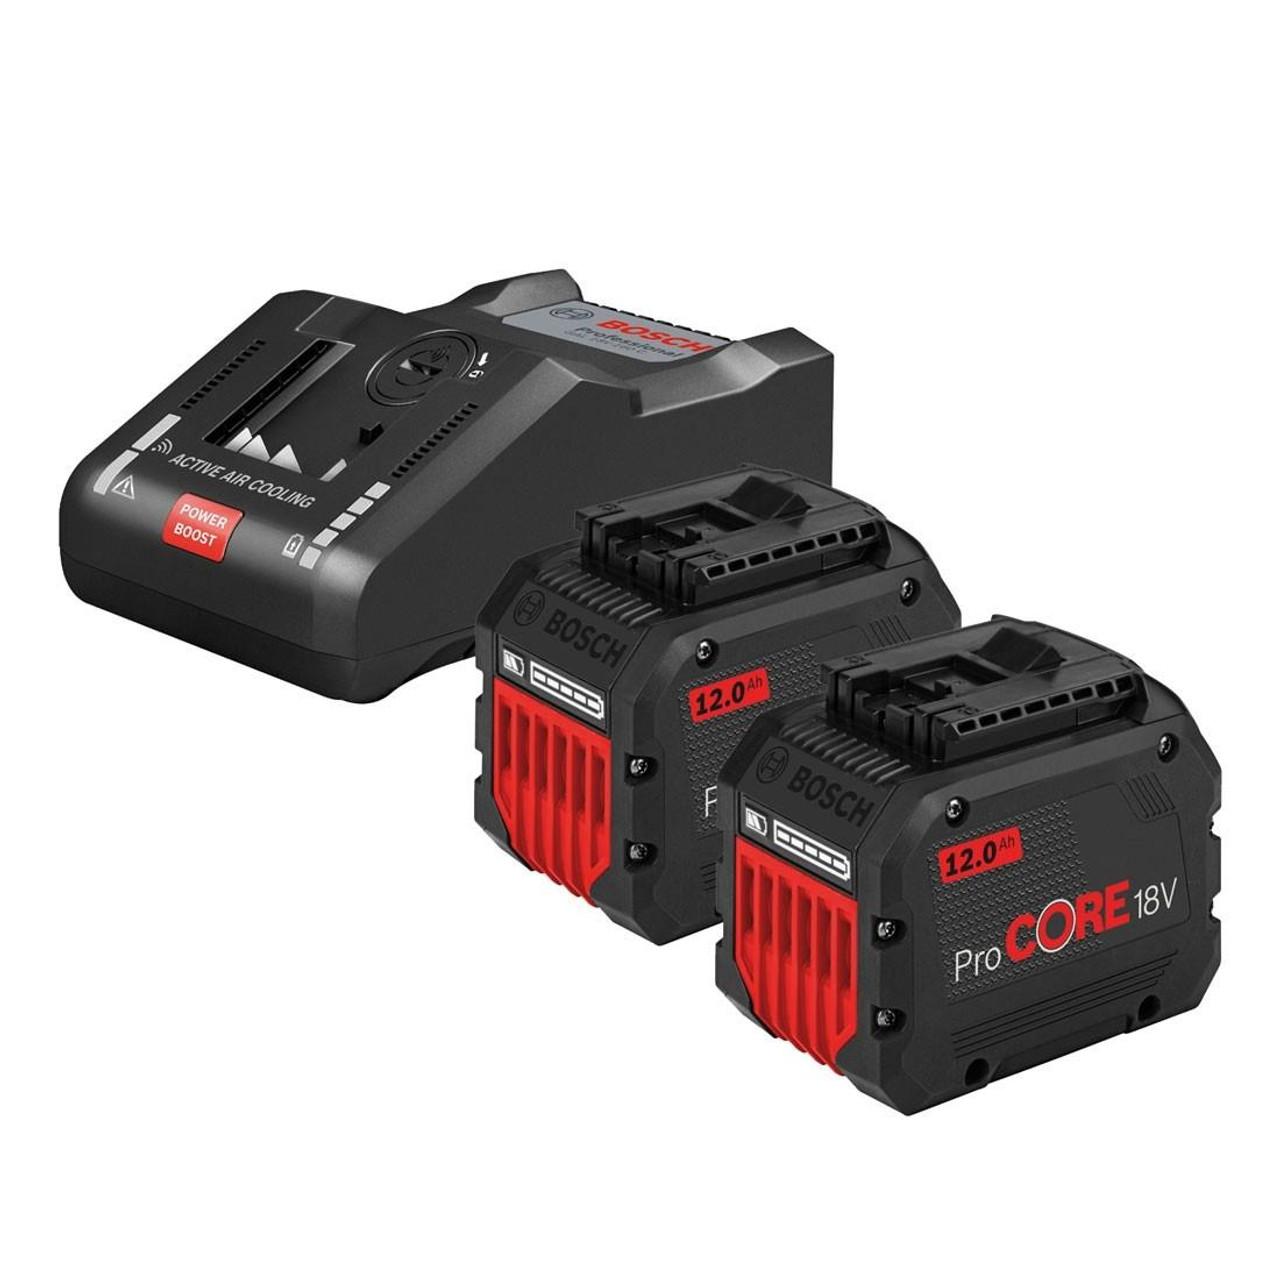 2 x 18V 4,0 Ah ProCore + AL1820CV BOSCH Power Set